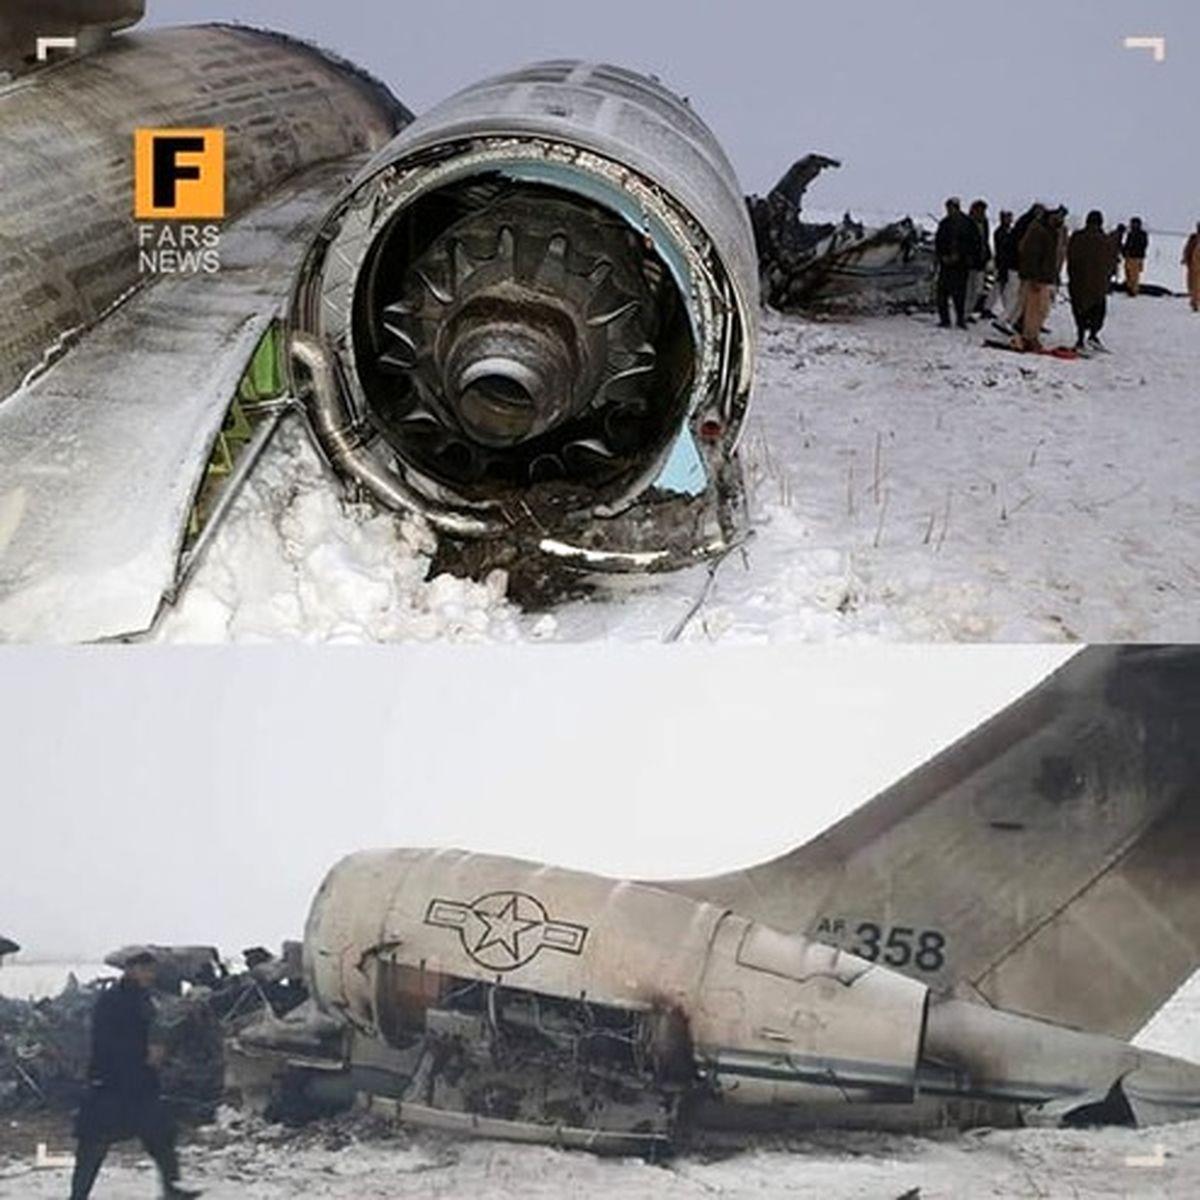 اشتباه انسانی عامل سقوط هواپیمای آمریکایی